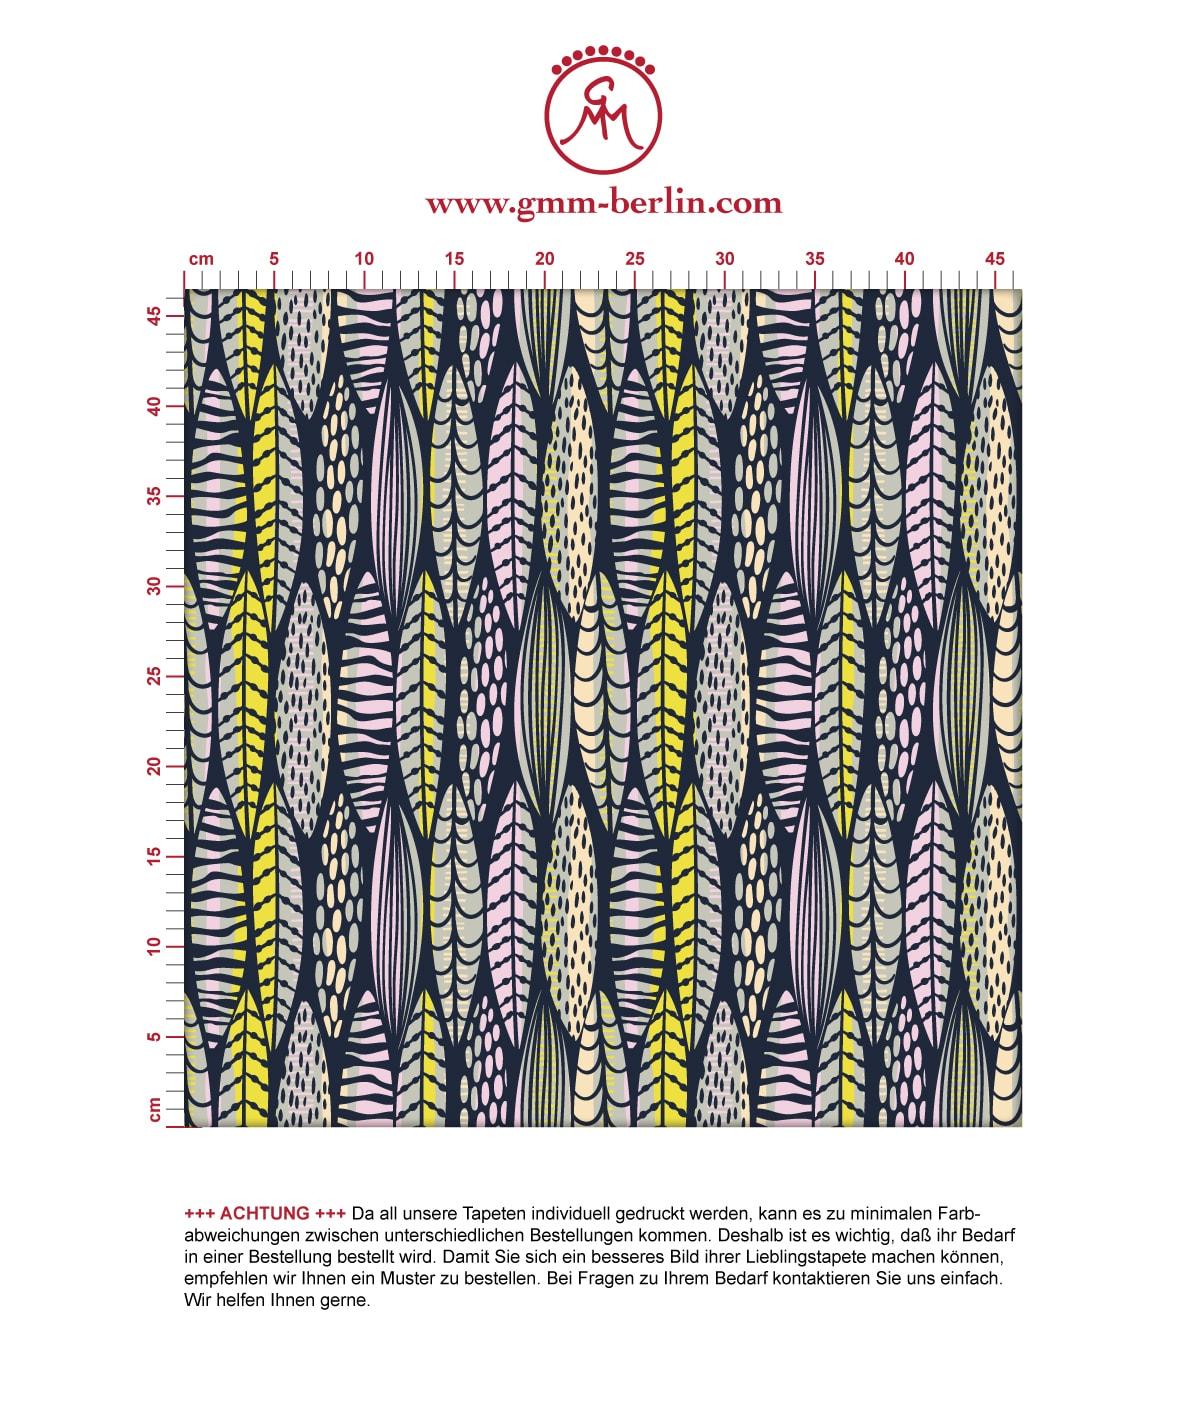 florale Tapete Streifen Blätter grafisch modern in dunkelblau - Streifentapete. Aus dem GMM-BERLIN.com Sortiment: Schöne Tapeten in der Farbe: gelb